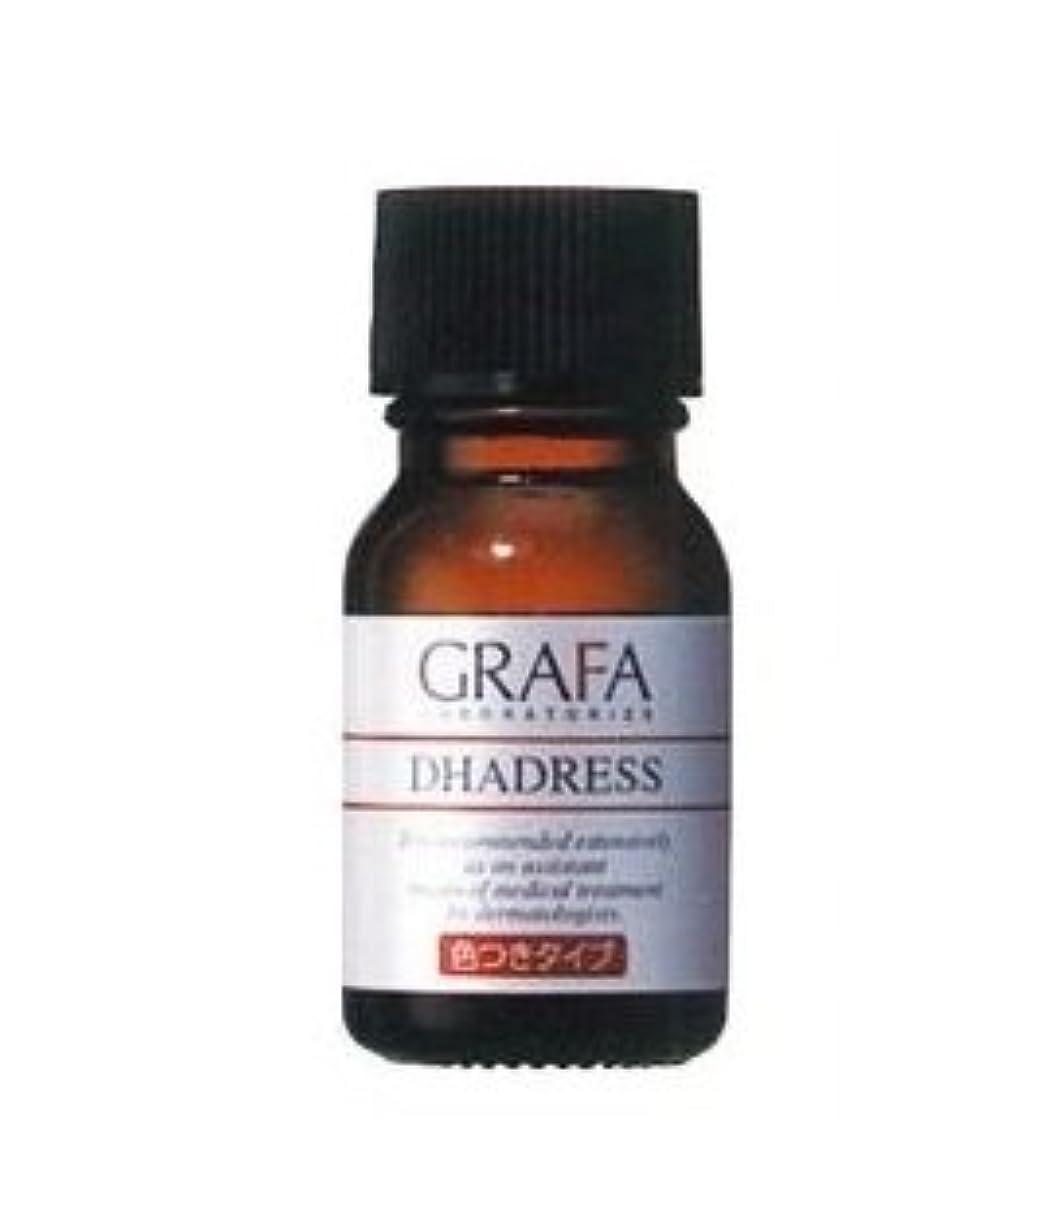 批判する同様のピニオングラファ ダドレスC (色つきタイプ) 11mL 着色用化粧水 GRAFA DHADRESS